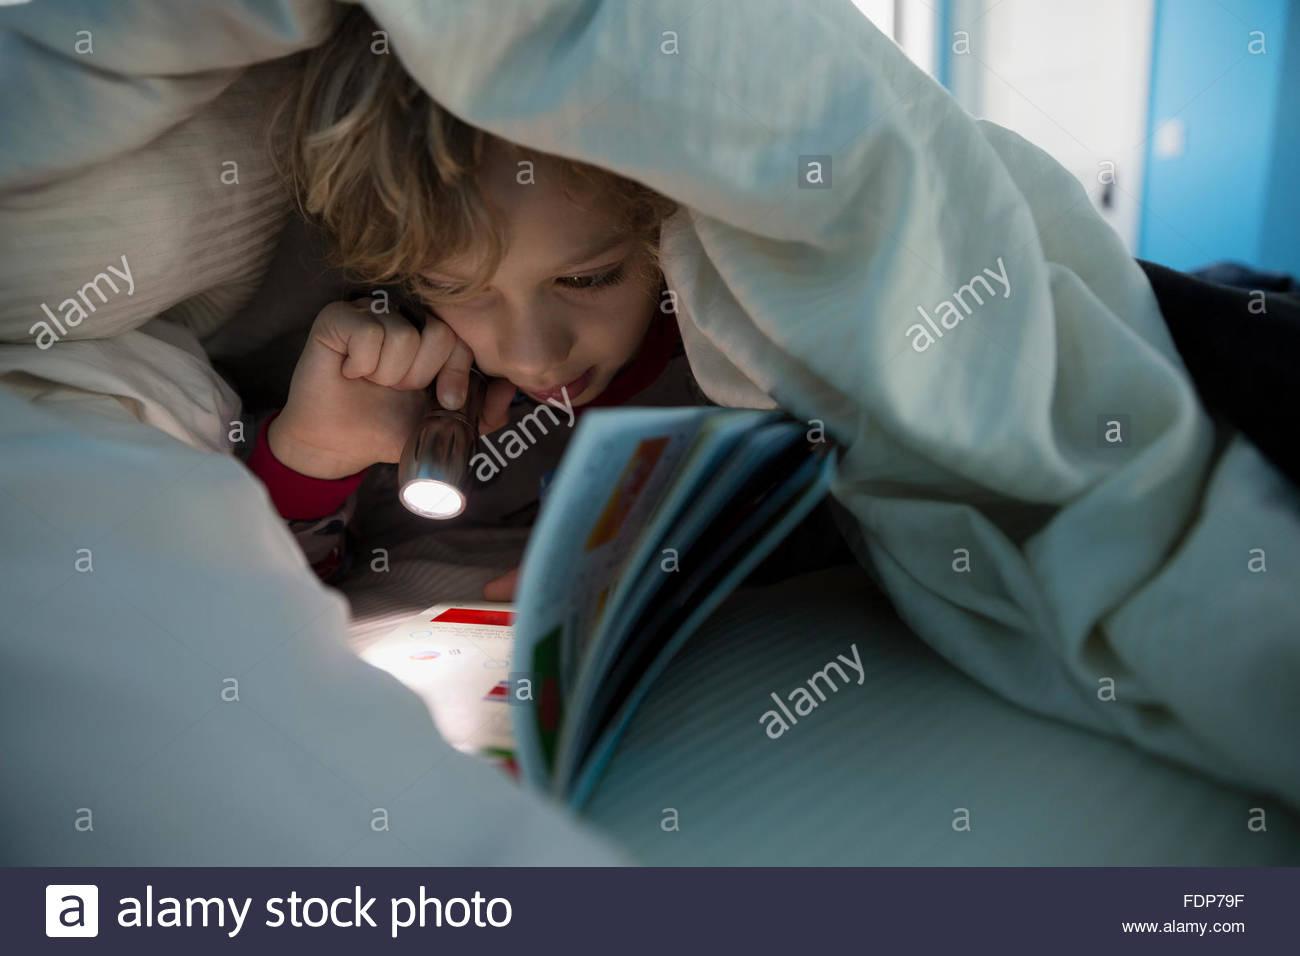 Junge liest Buch mit Taschenlampe unter der Bettdecke Stockbild